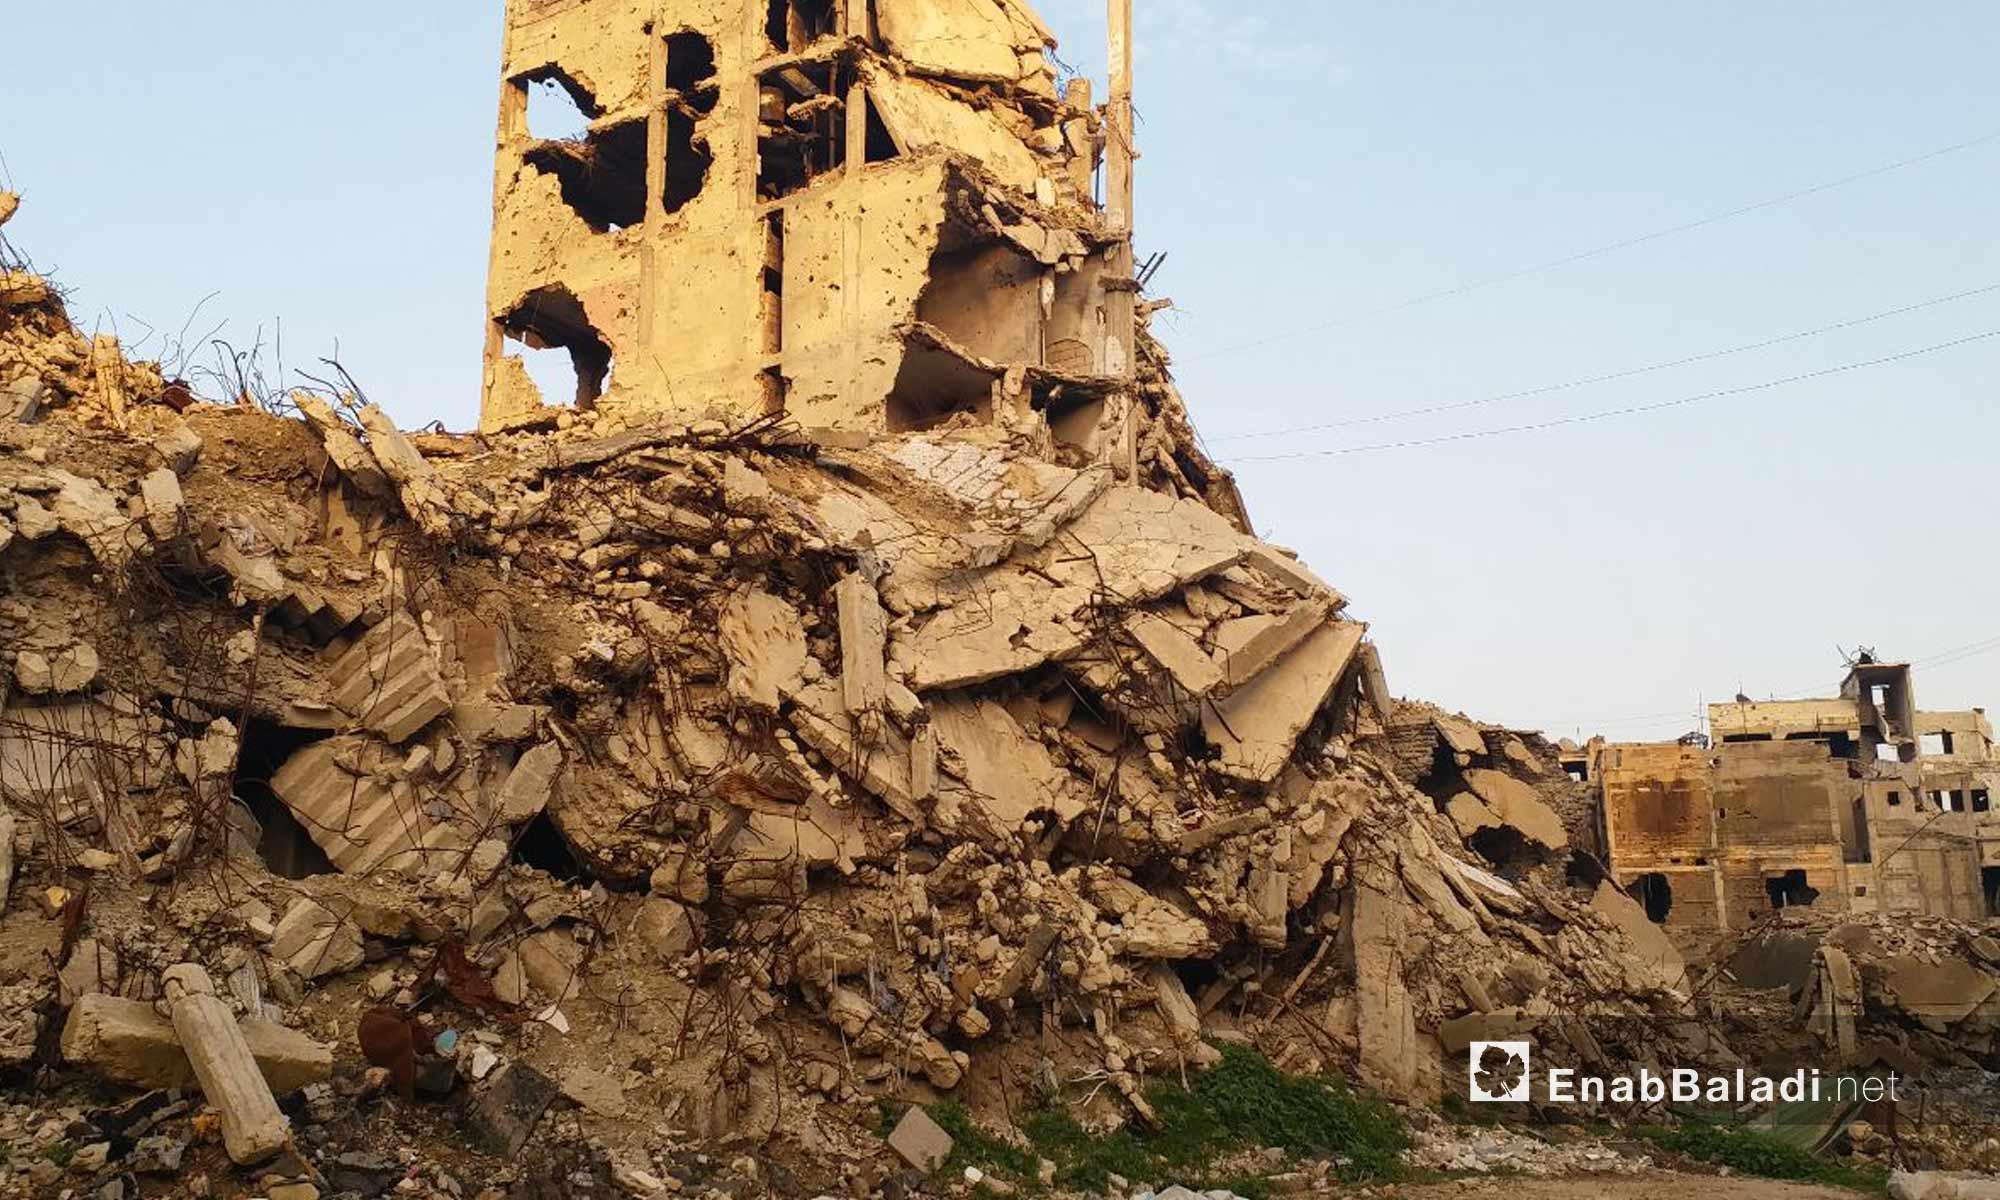 الأحياء القديمة في مدينة حمص - 24 من كانون الثاني 2019 (عنب بلدي)